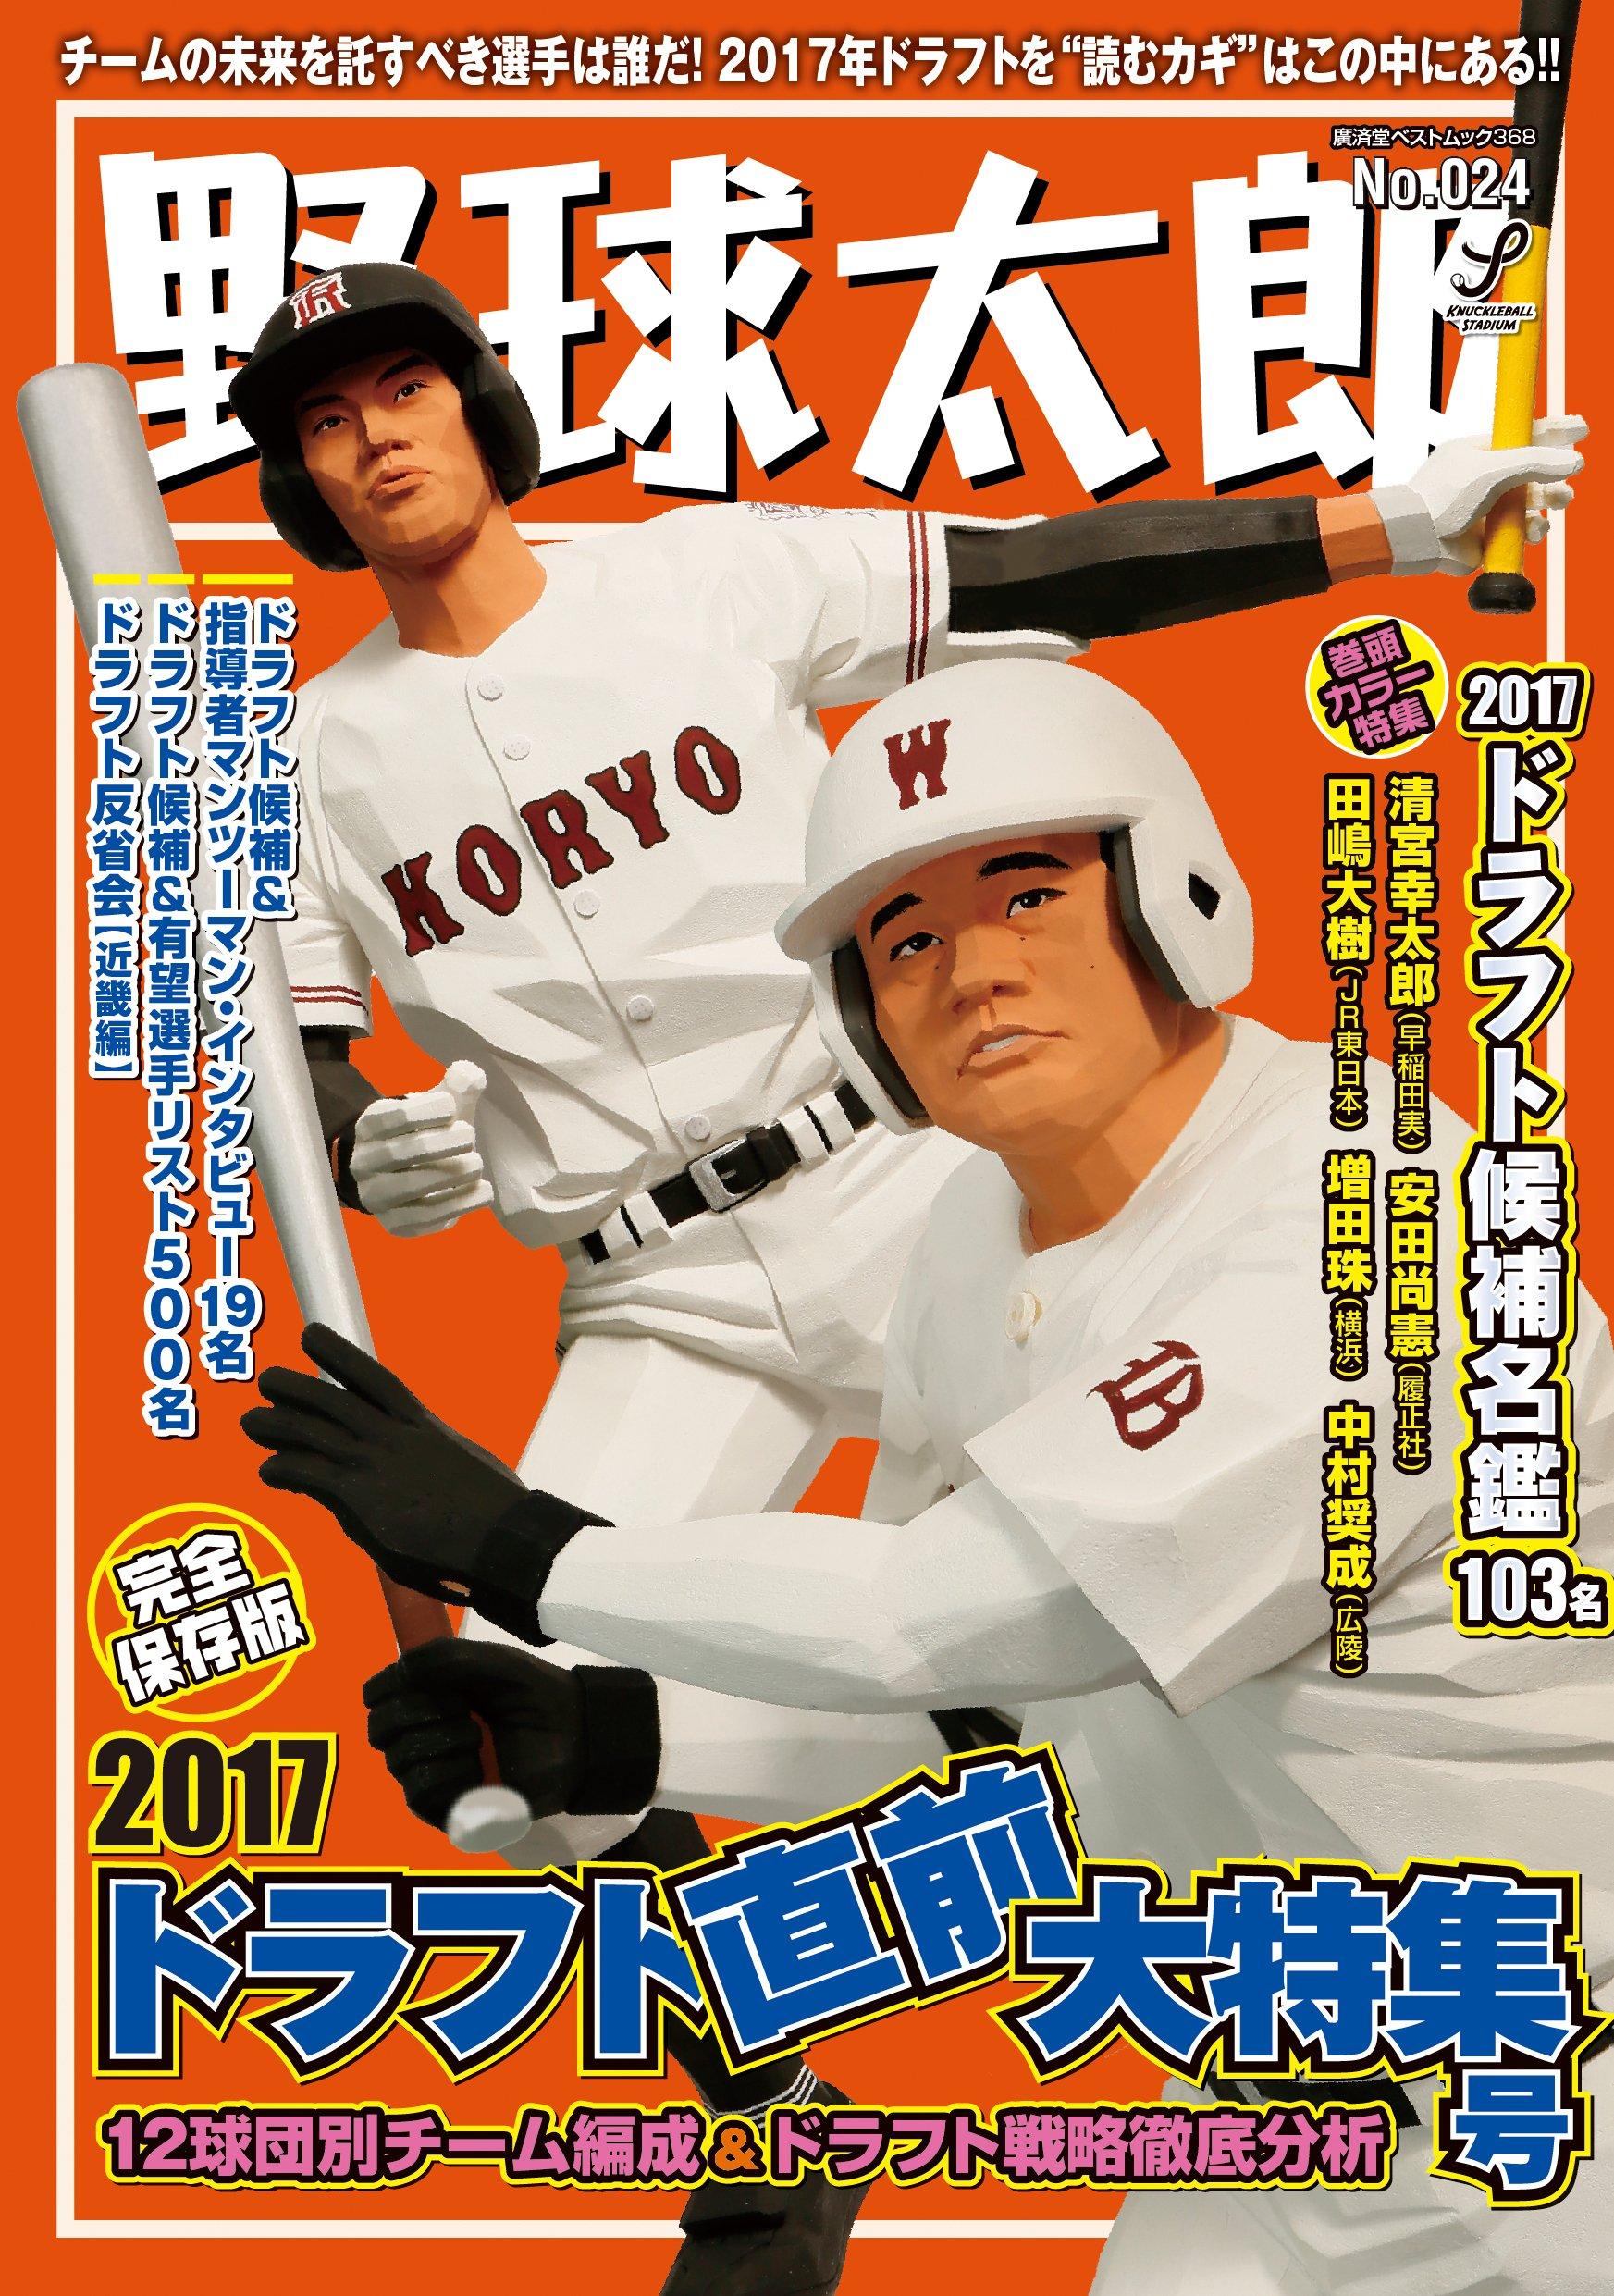 今年のドラフト会議にもこの一冊を!『野球太郎No.024 2017ドラフト直前大特集号』は9月23日発売!